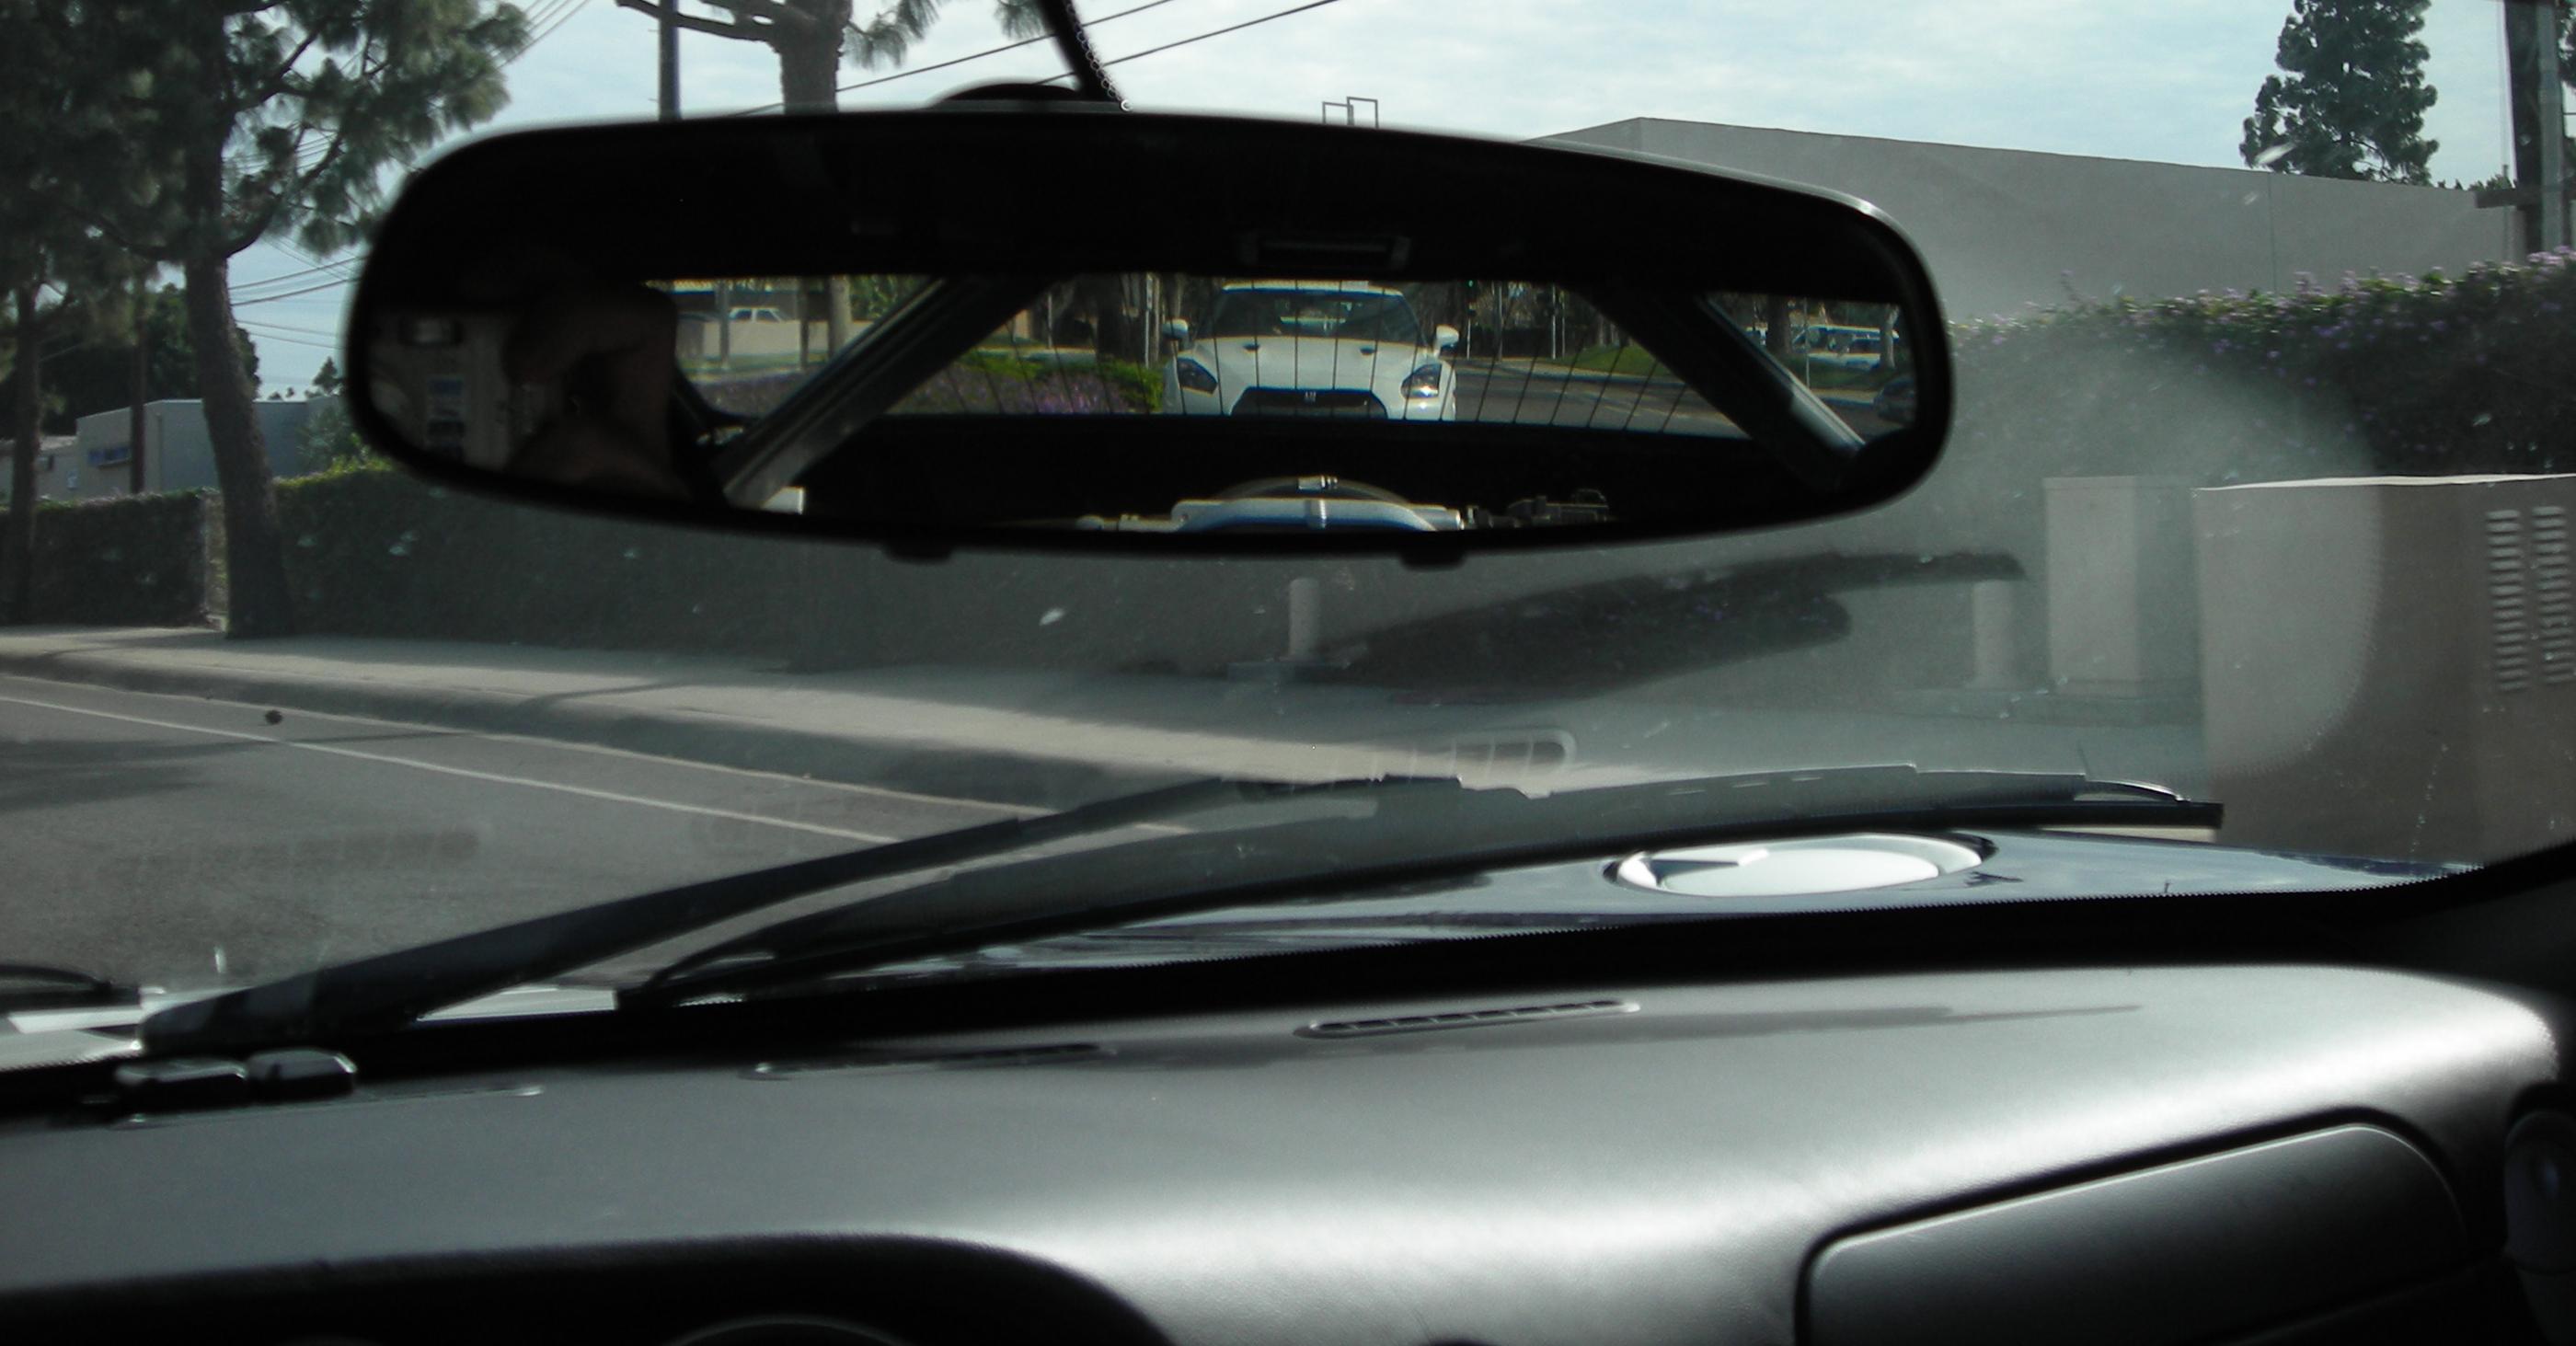 2005 Ford GT Long Term Nissan GT-R Comparison